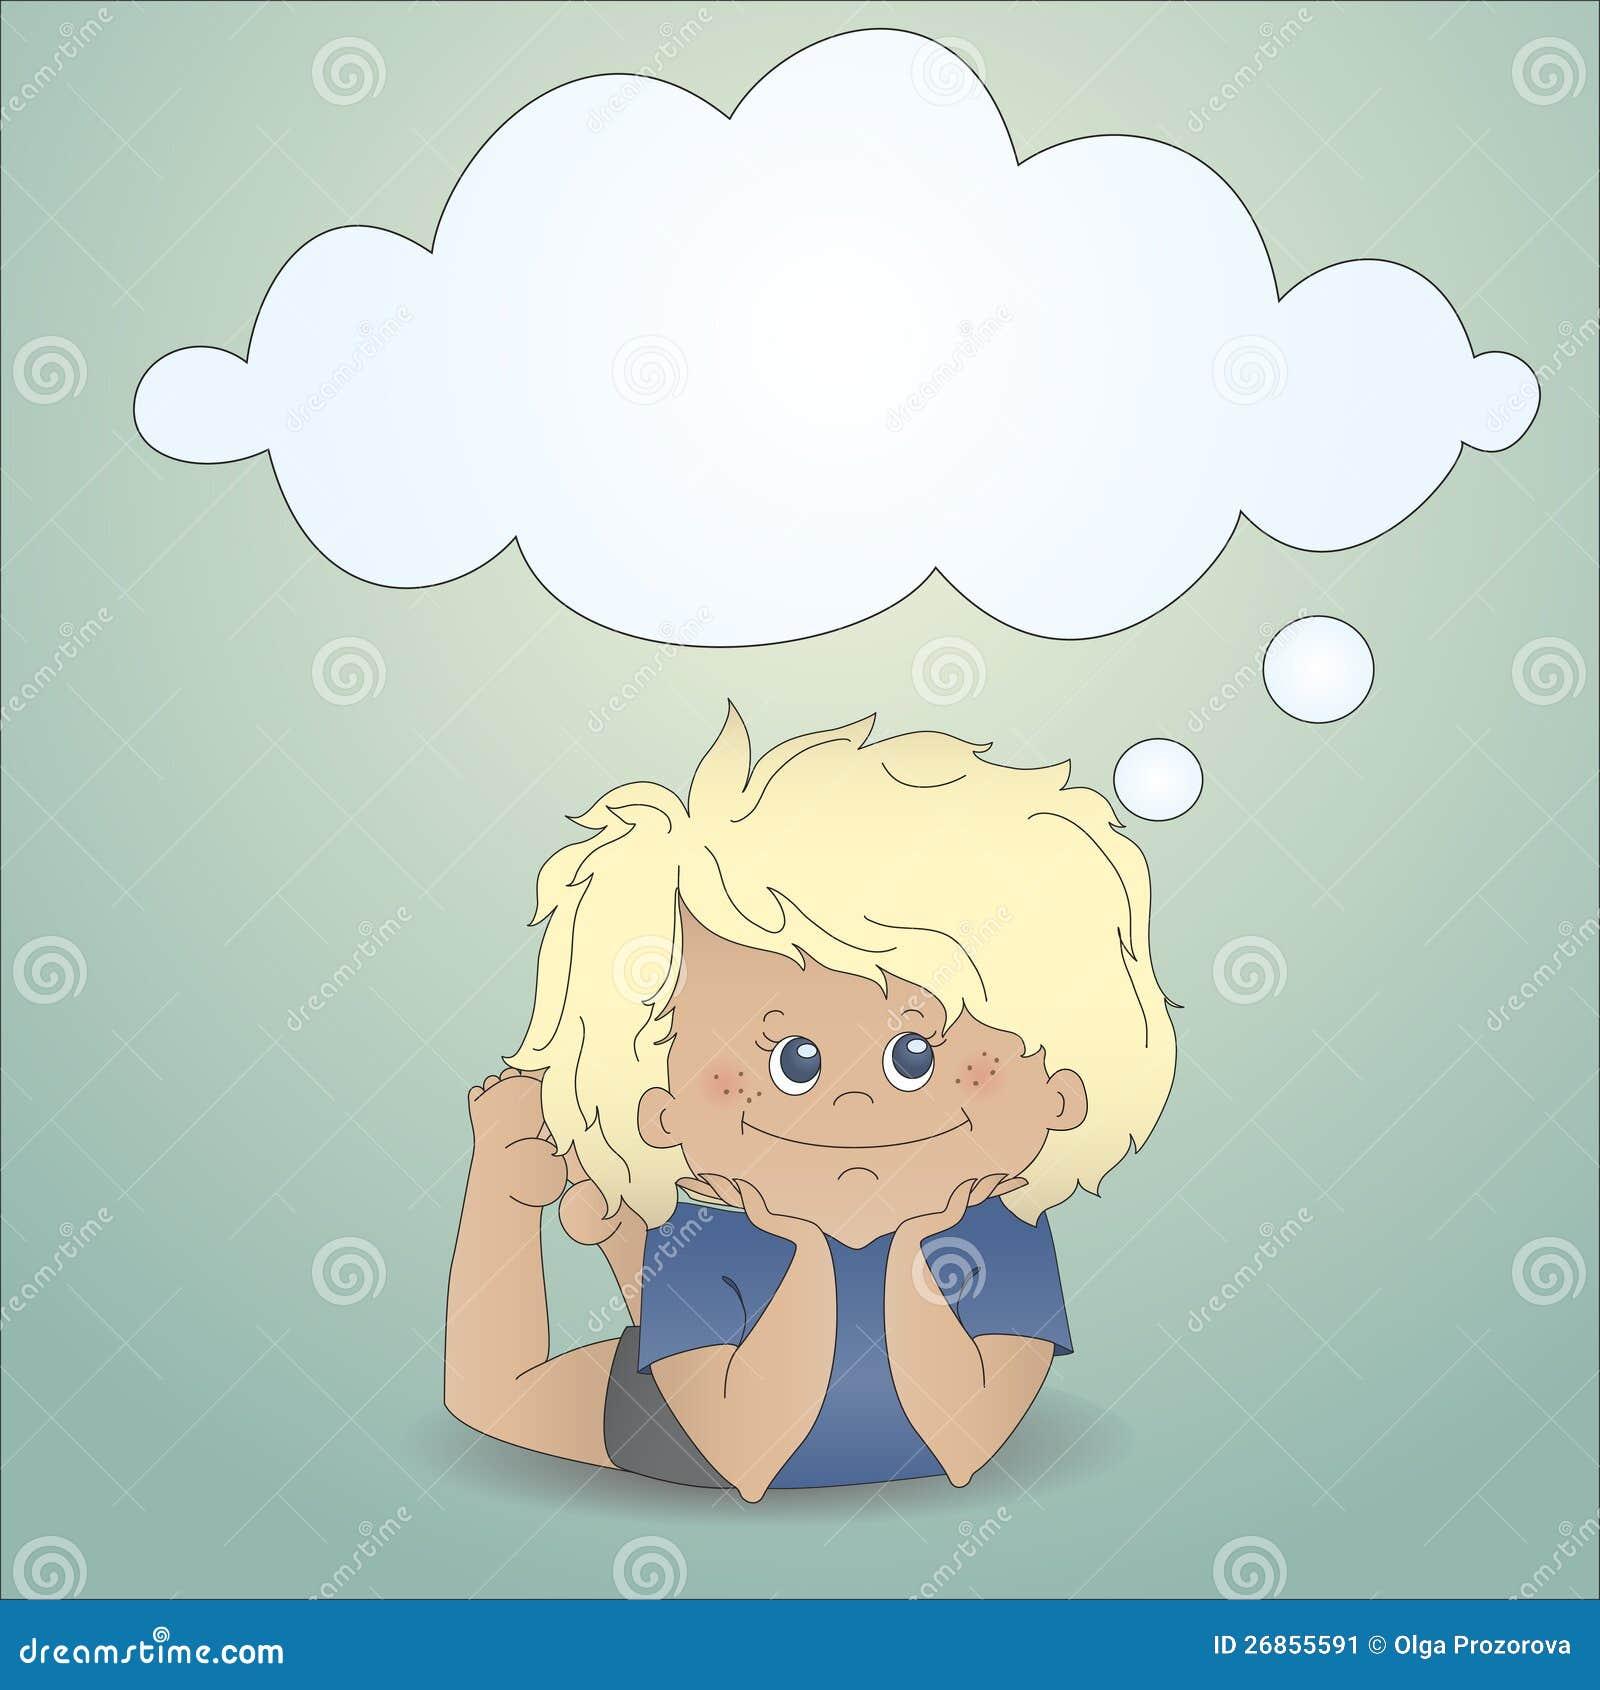 De jongen die van het beeldverhaal met een gedachte bel droomt stock afbeelding afbeelding - Turquoise ruimte van de jongen ...